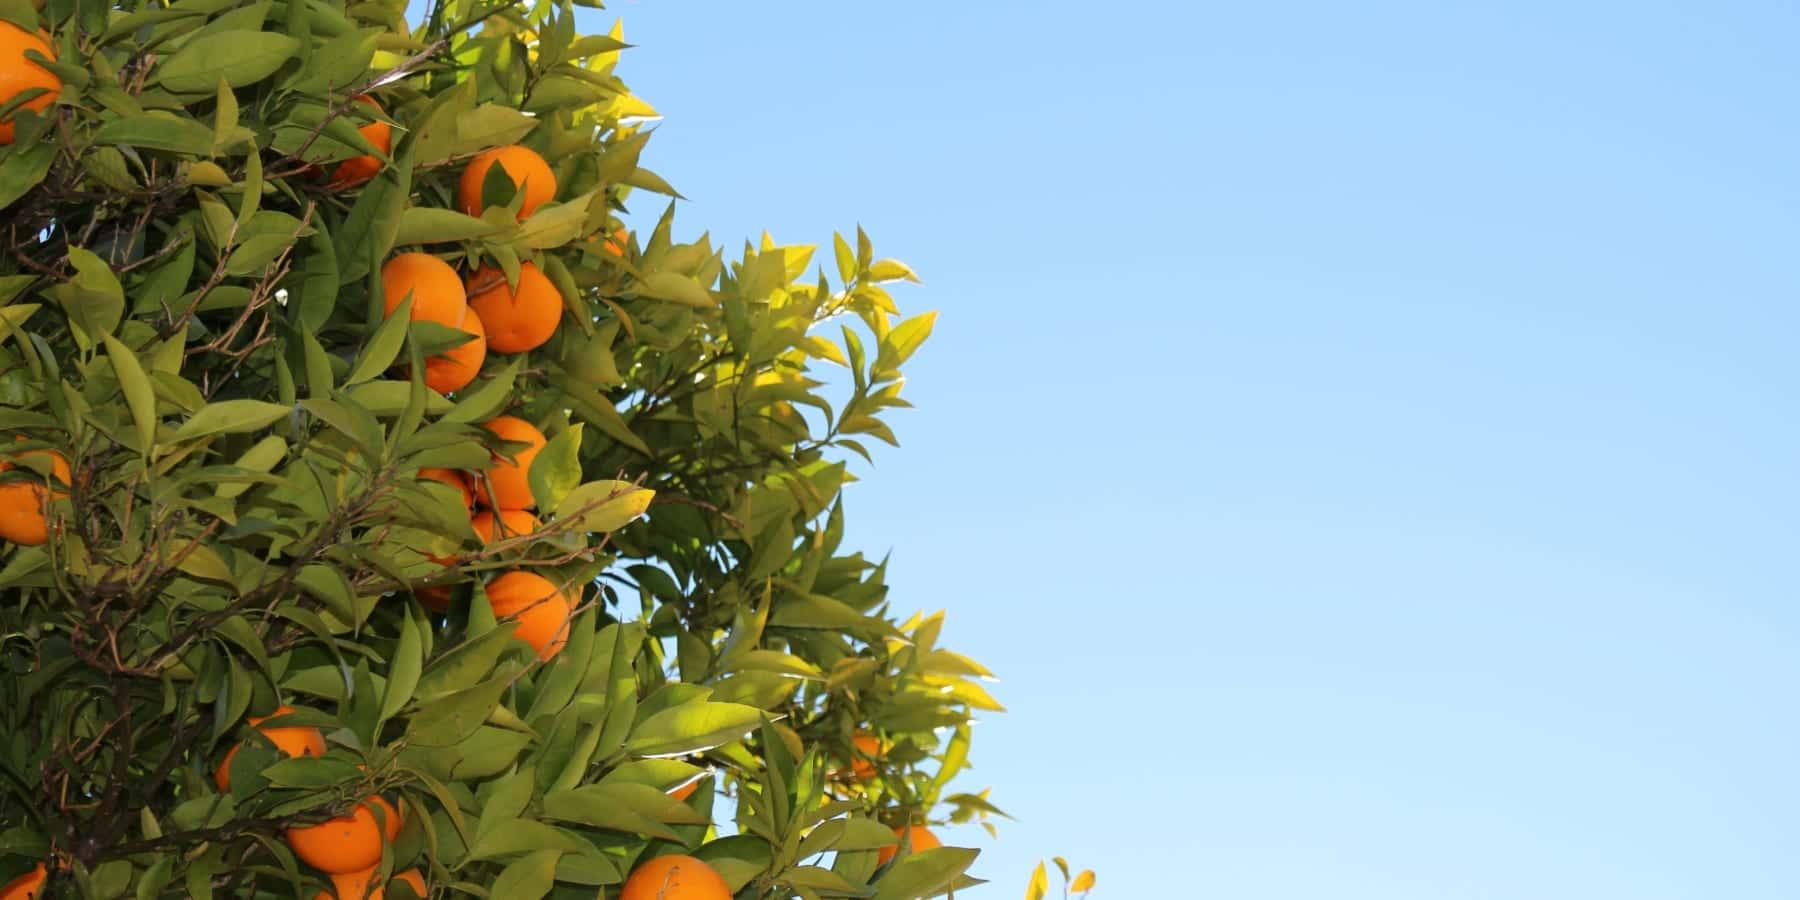 苦いオレンジをクリーンエネルギーに変える、セビリアの計画